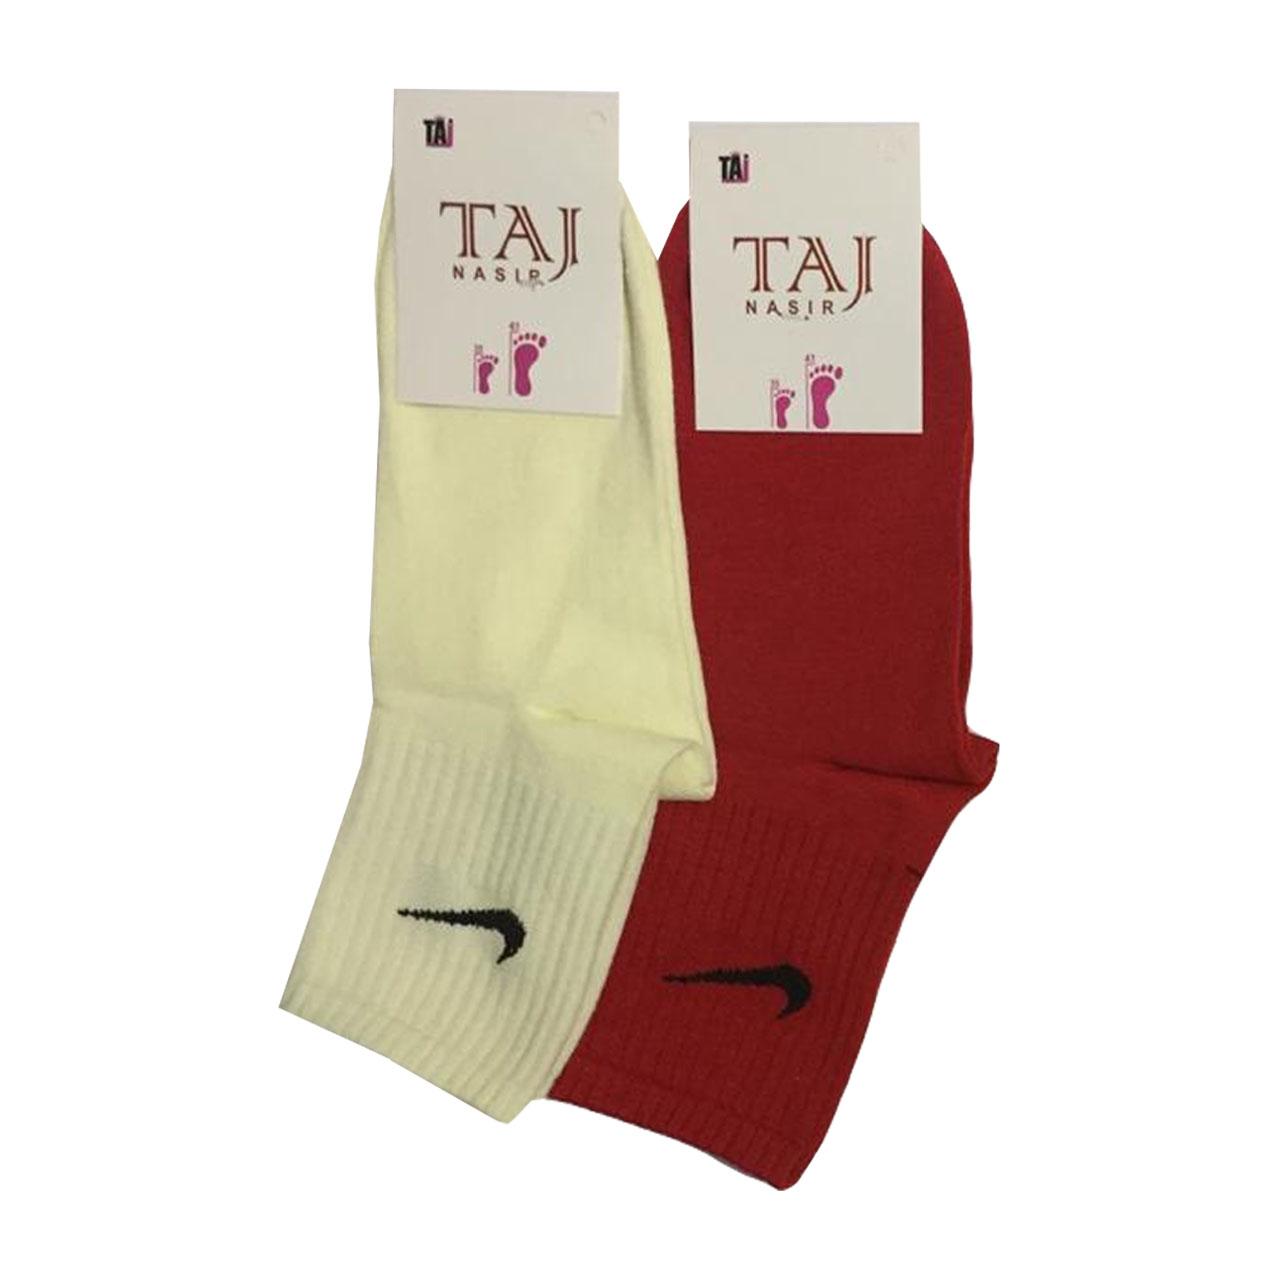 جوراب ورزشی زنانه تاج نصیر کد 2 مجموعه 2 عددی